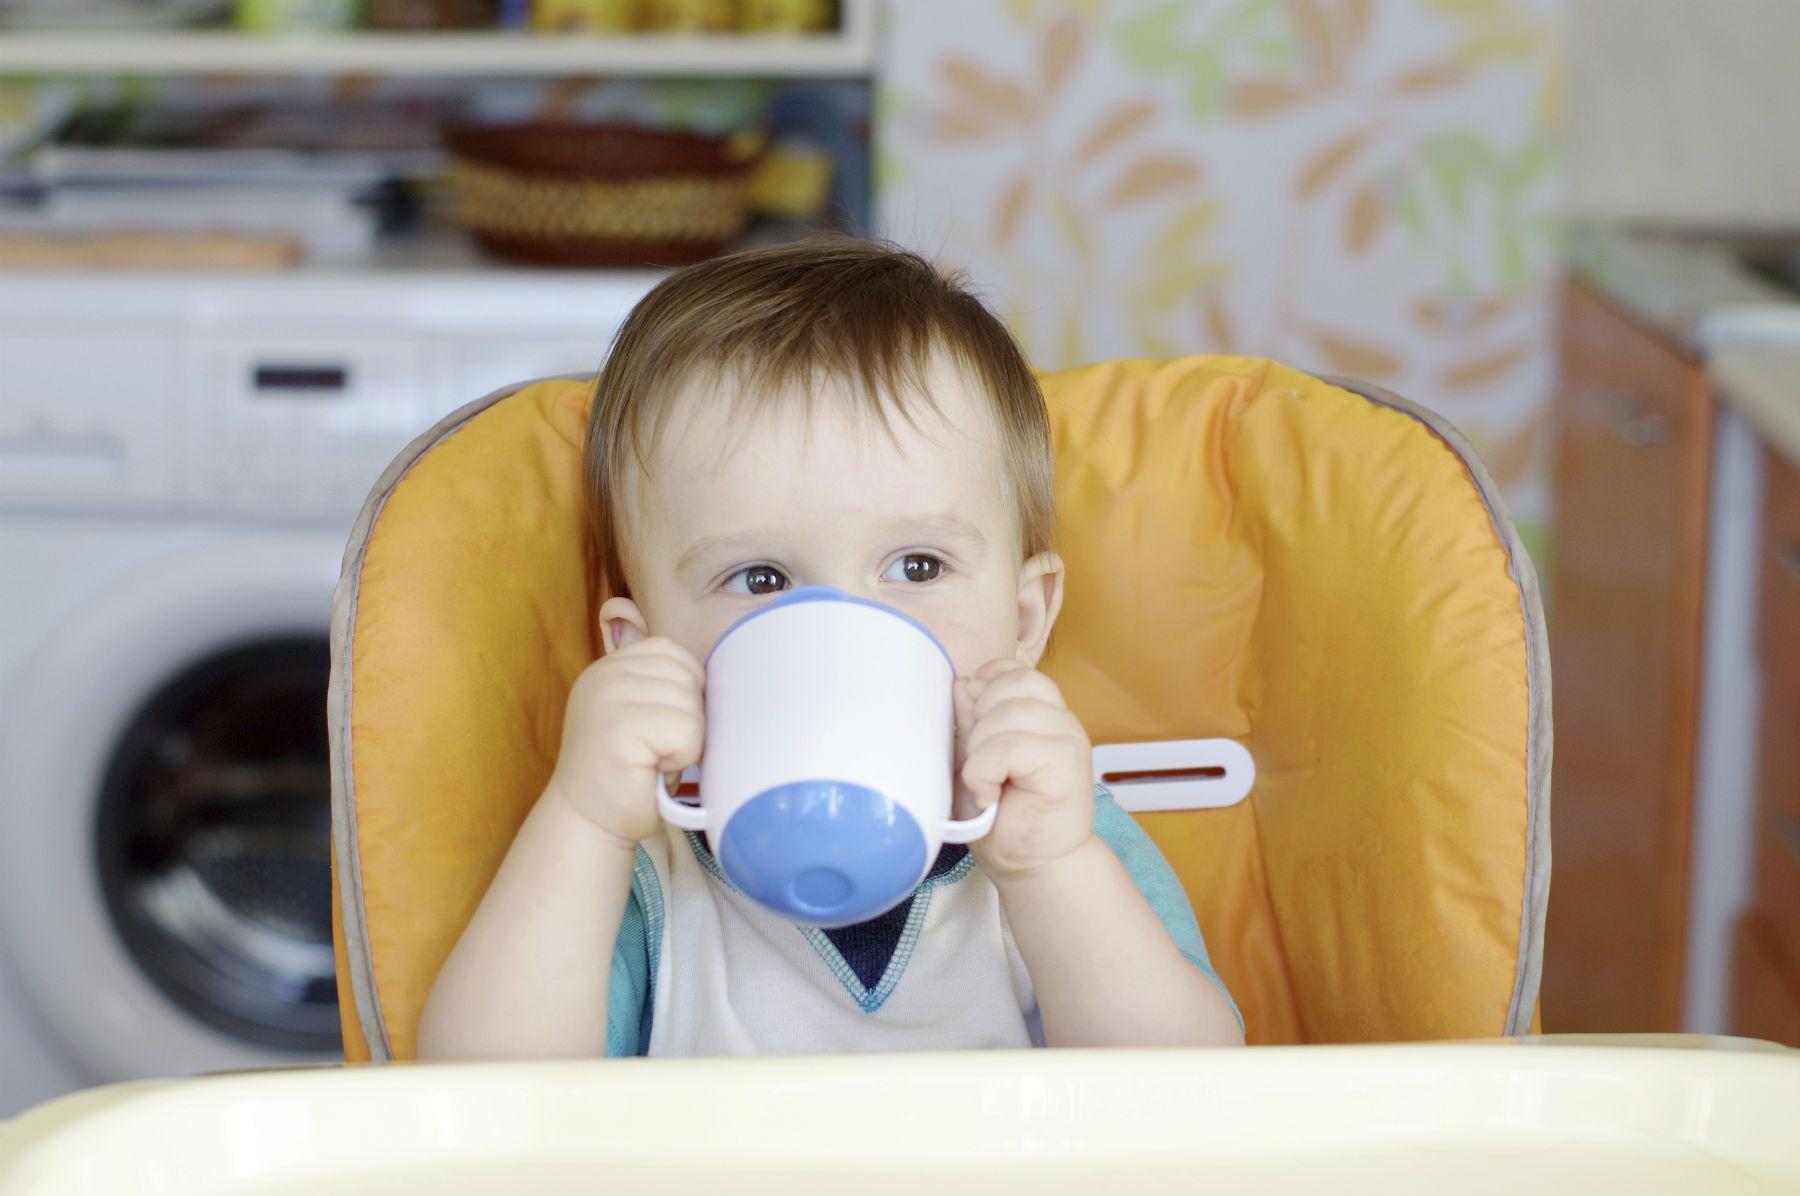 welche tees eignen sich f r babys ern hrung kind pinterest baby baby co und pregnancy. Black Bedroom Furniture Sets. Home Design Ideas